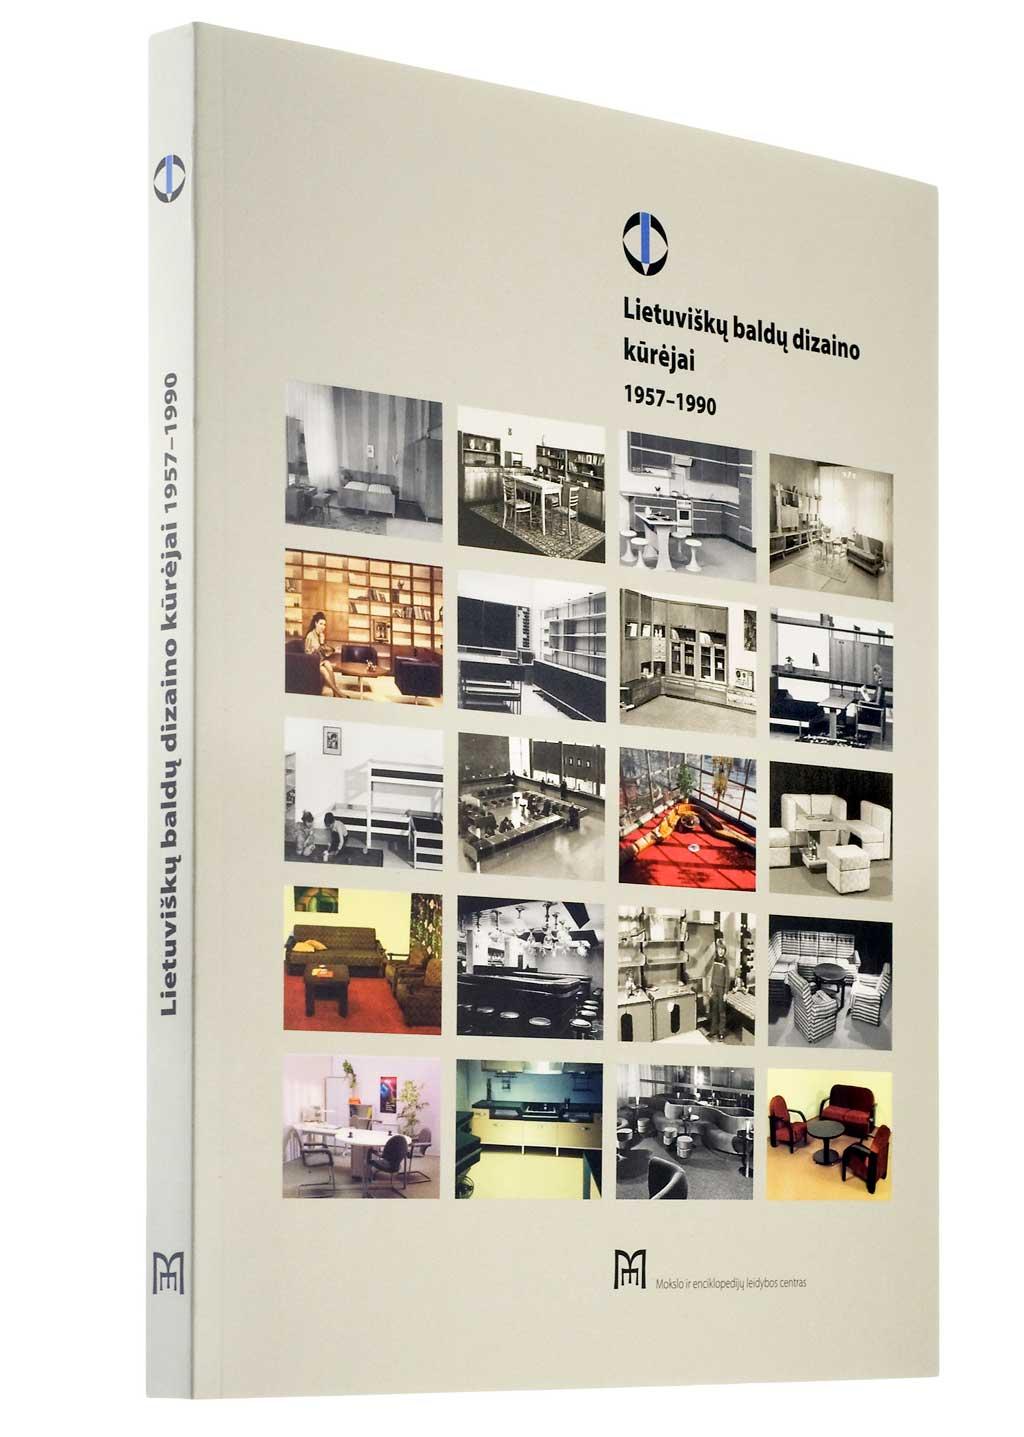 Leidinys apie Lietuvos profesionalaus baldų dizaino ištakas